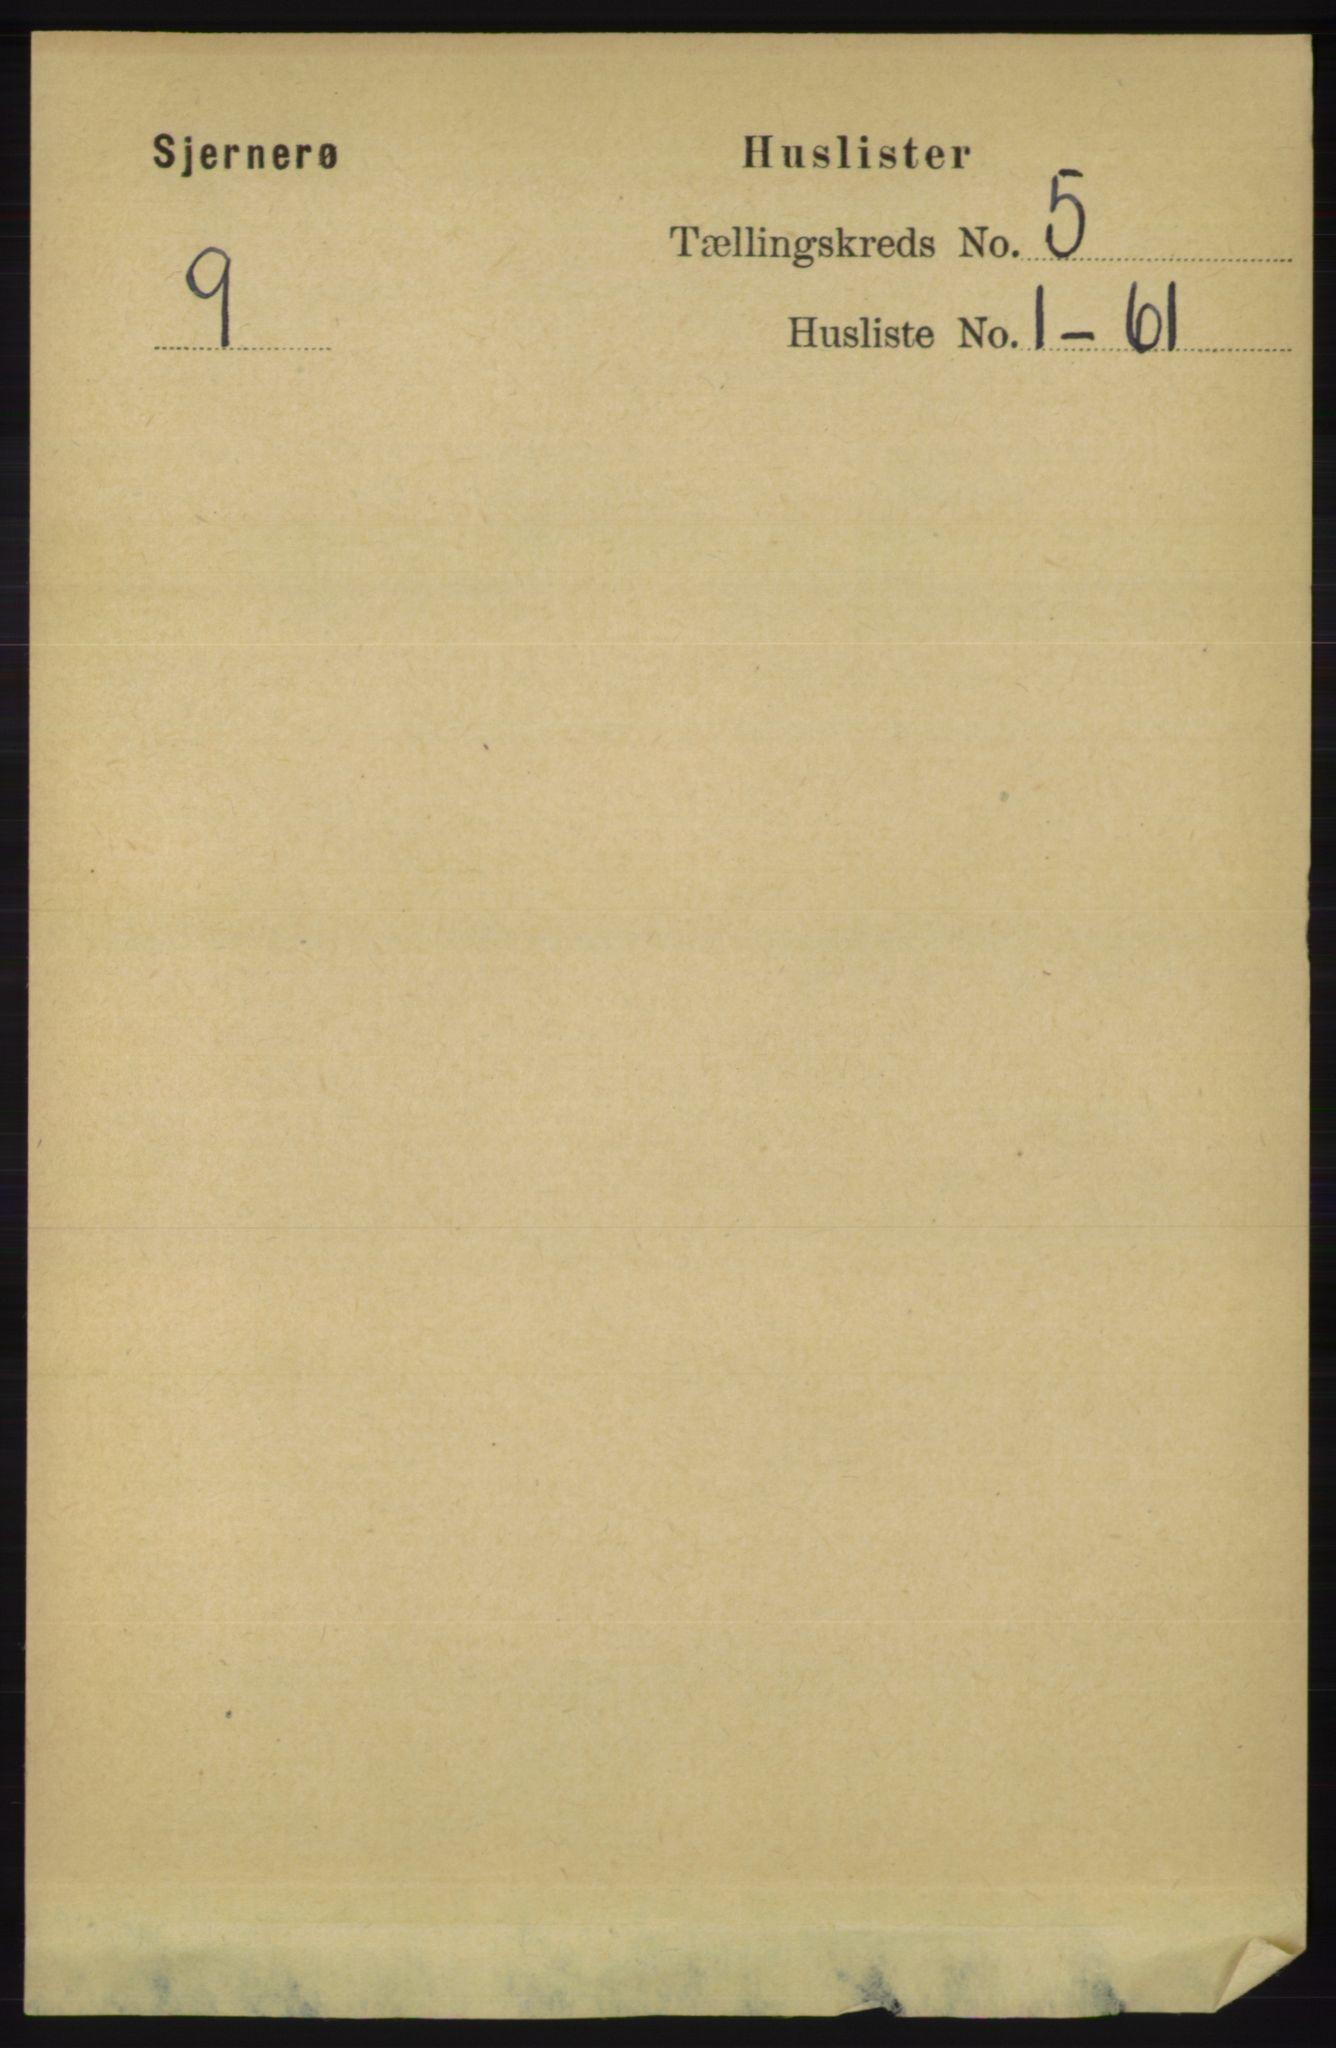 RA, Folketelling 1891 for 1140 Sjernarøy herred, 1891, s. 744